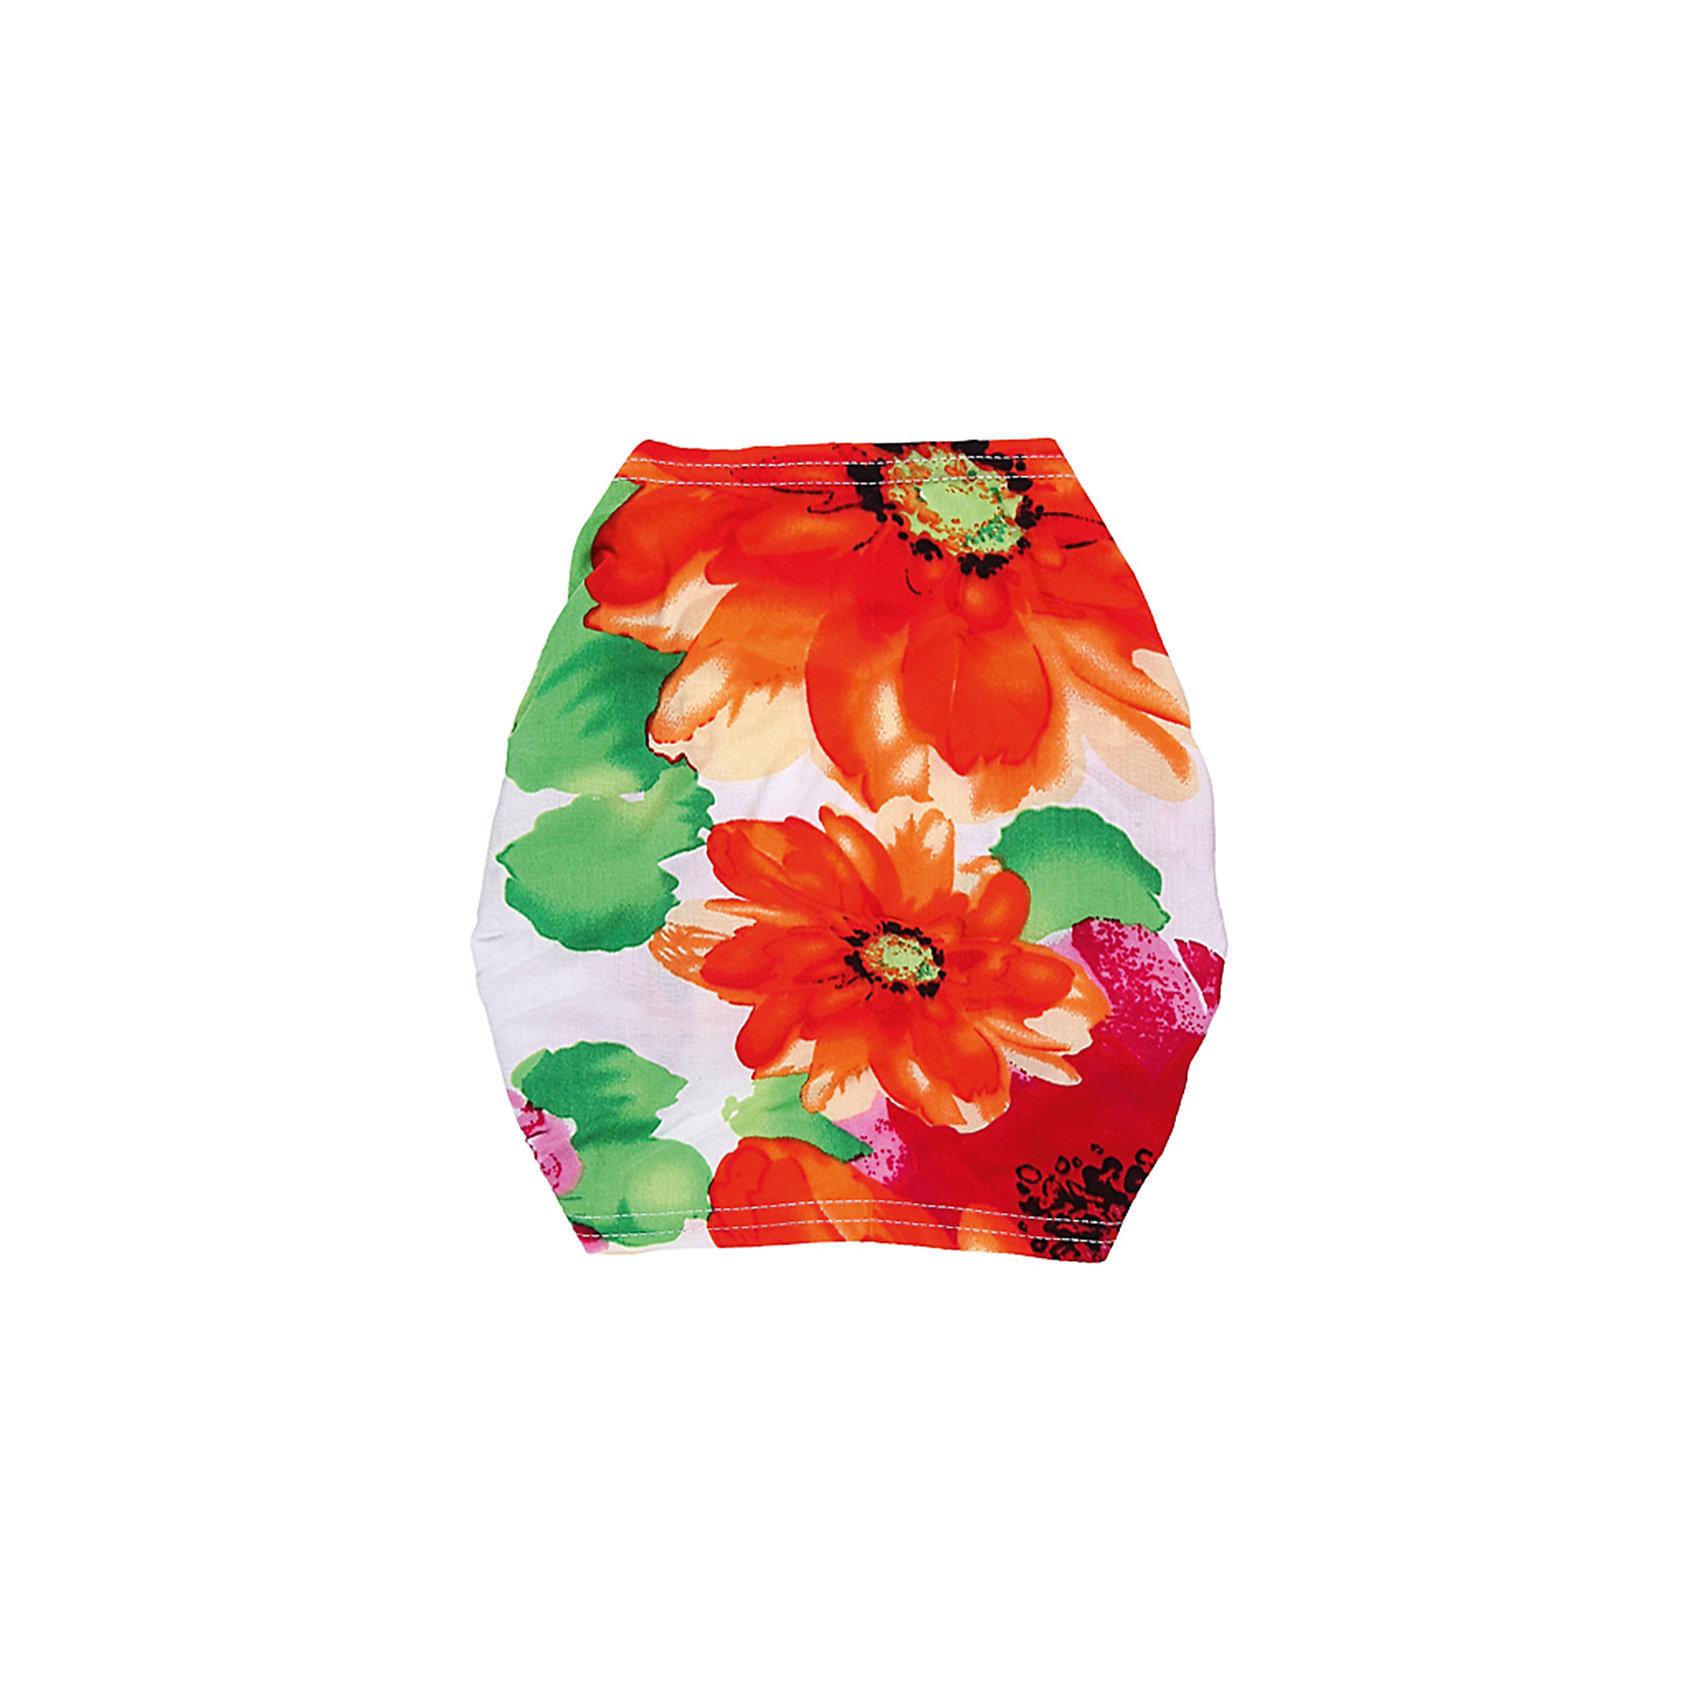 Повязка на голову для девочки Sweet BerryПовязка на голову из легкой текстильной ткани  Регулируется резинкой.<br>Состав:<br>100% вискоза<br><br>Ширина мм: 89<br>Глубина мм: 117<br>Высота мм: 44<br>Вес г: 155<br>Цвет: разноцветный<br>Возраст от месяцев: 24<br>Возраст до месяцев: 36<br>Пол: Женский<br>Возраст: Детский<br>Размер: 50,54,52<br>SKU: 4521427